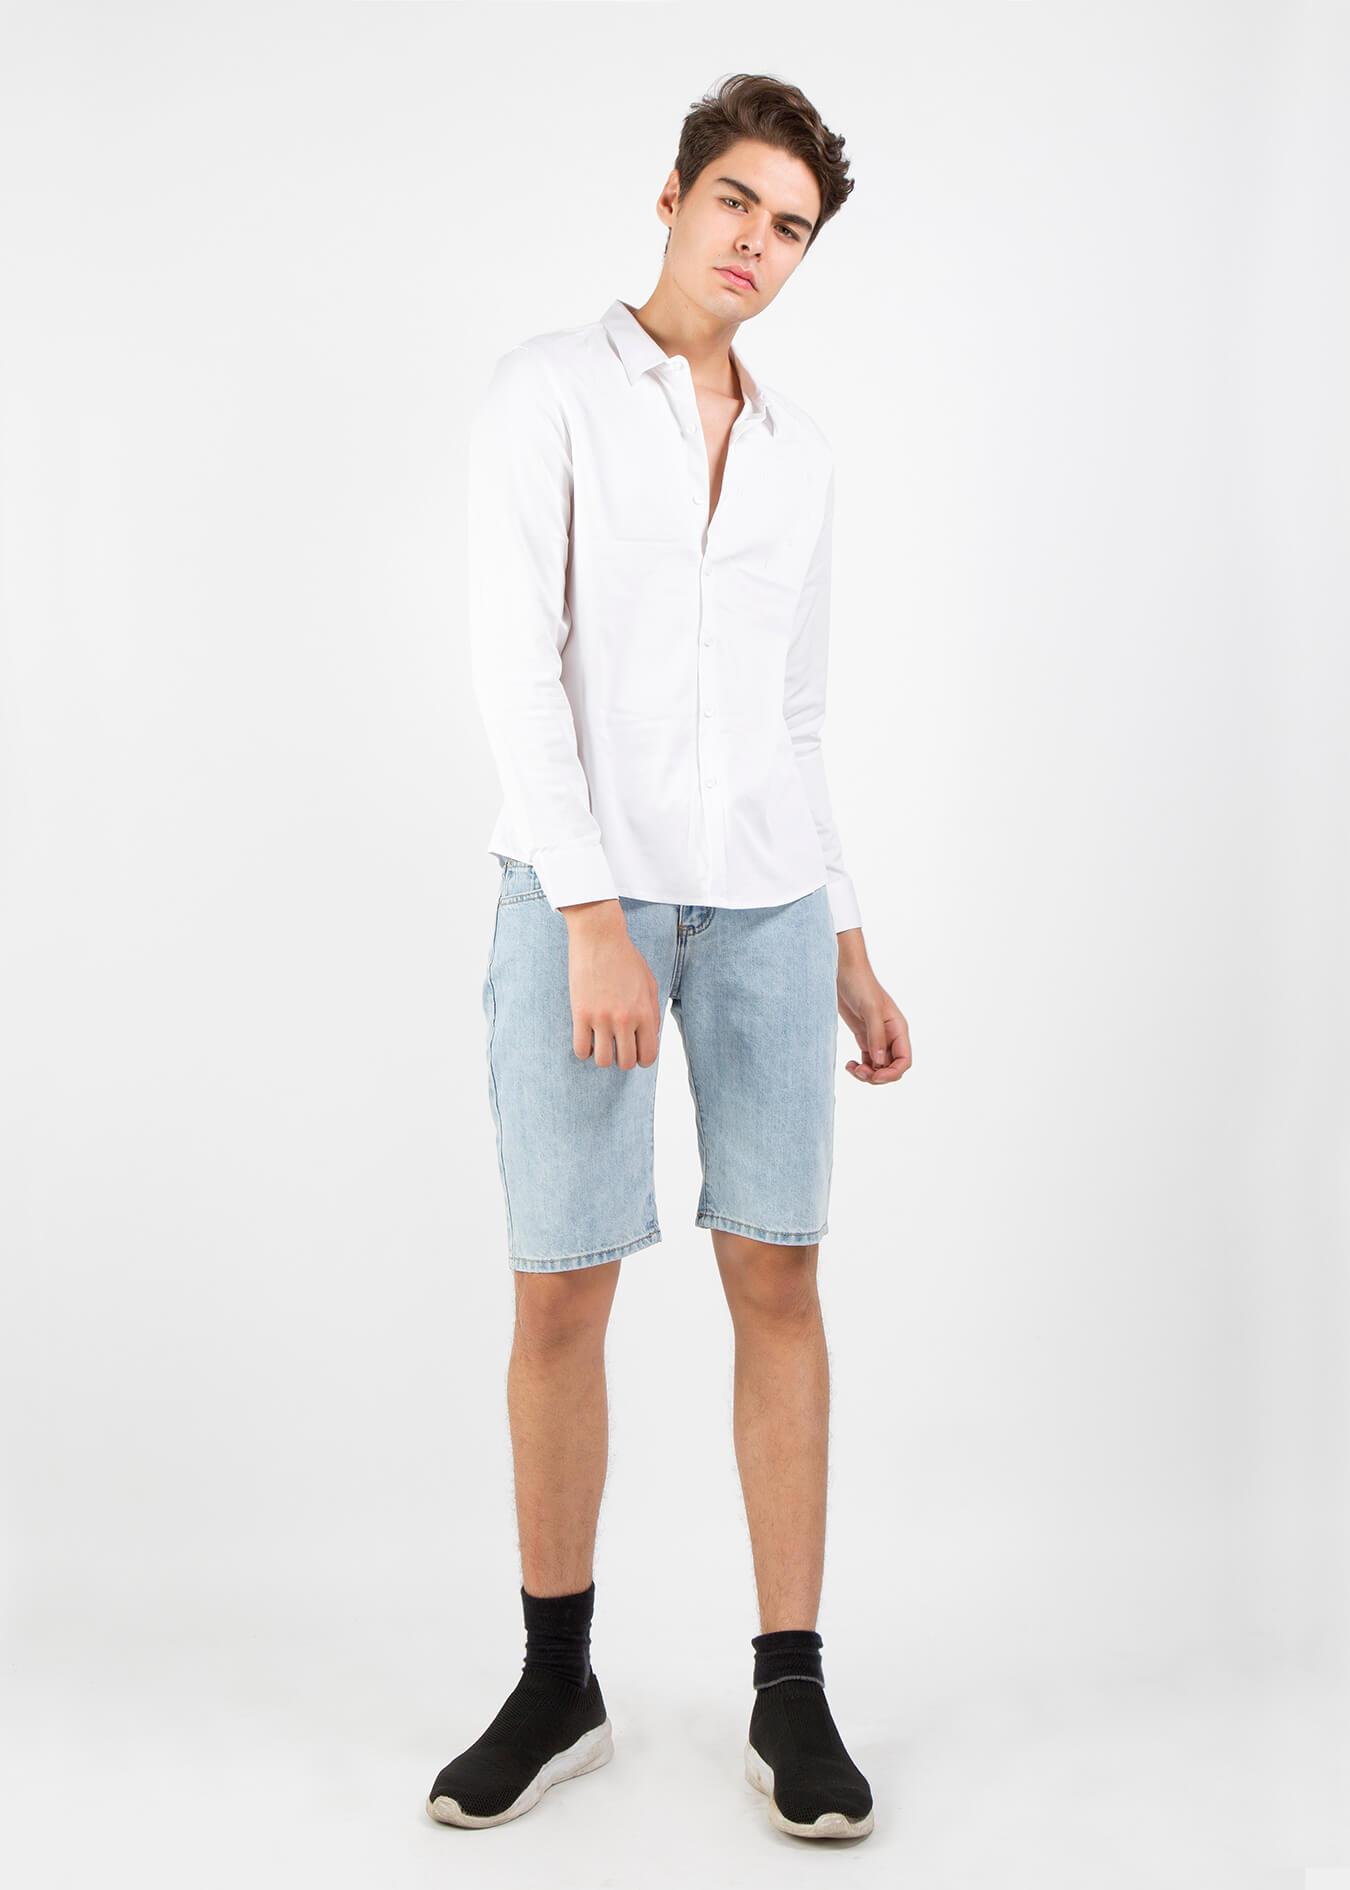 Năng động xuống phố với áo sơ mi trắng và quần short